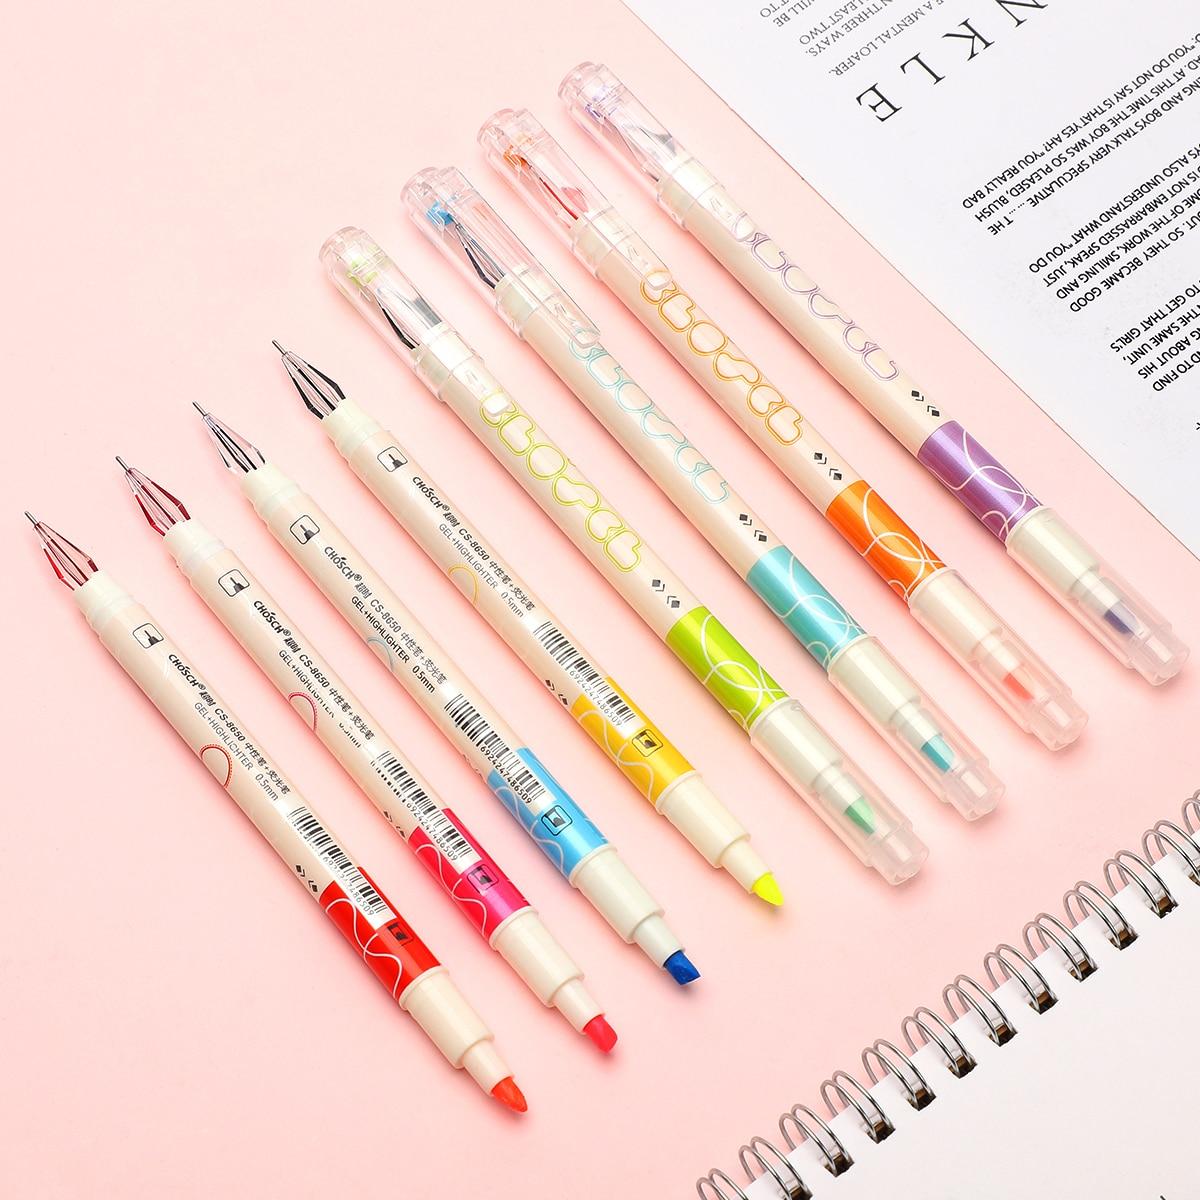 JIANWU 8pcs/set Creative Design Gel Pen Double-headed Writing Gel Pen And Highlighter Combination School Office Supplies Kawaii